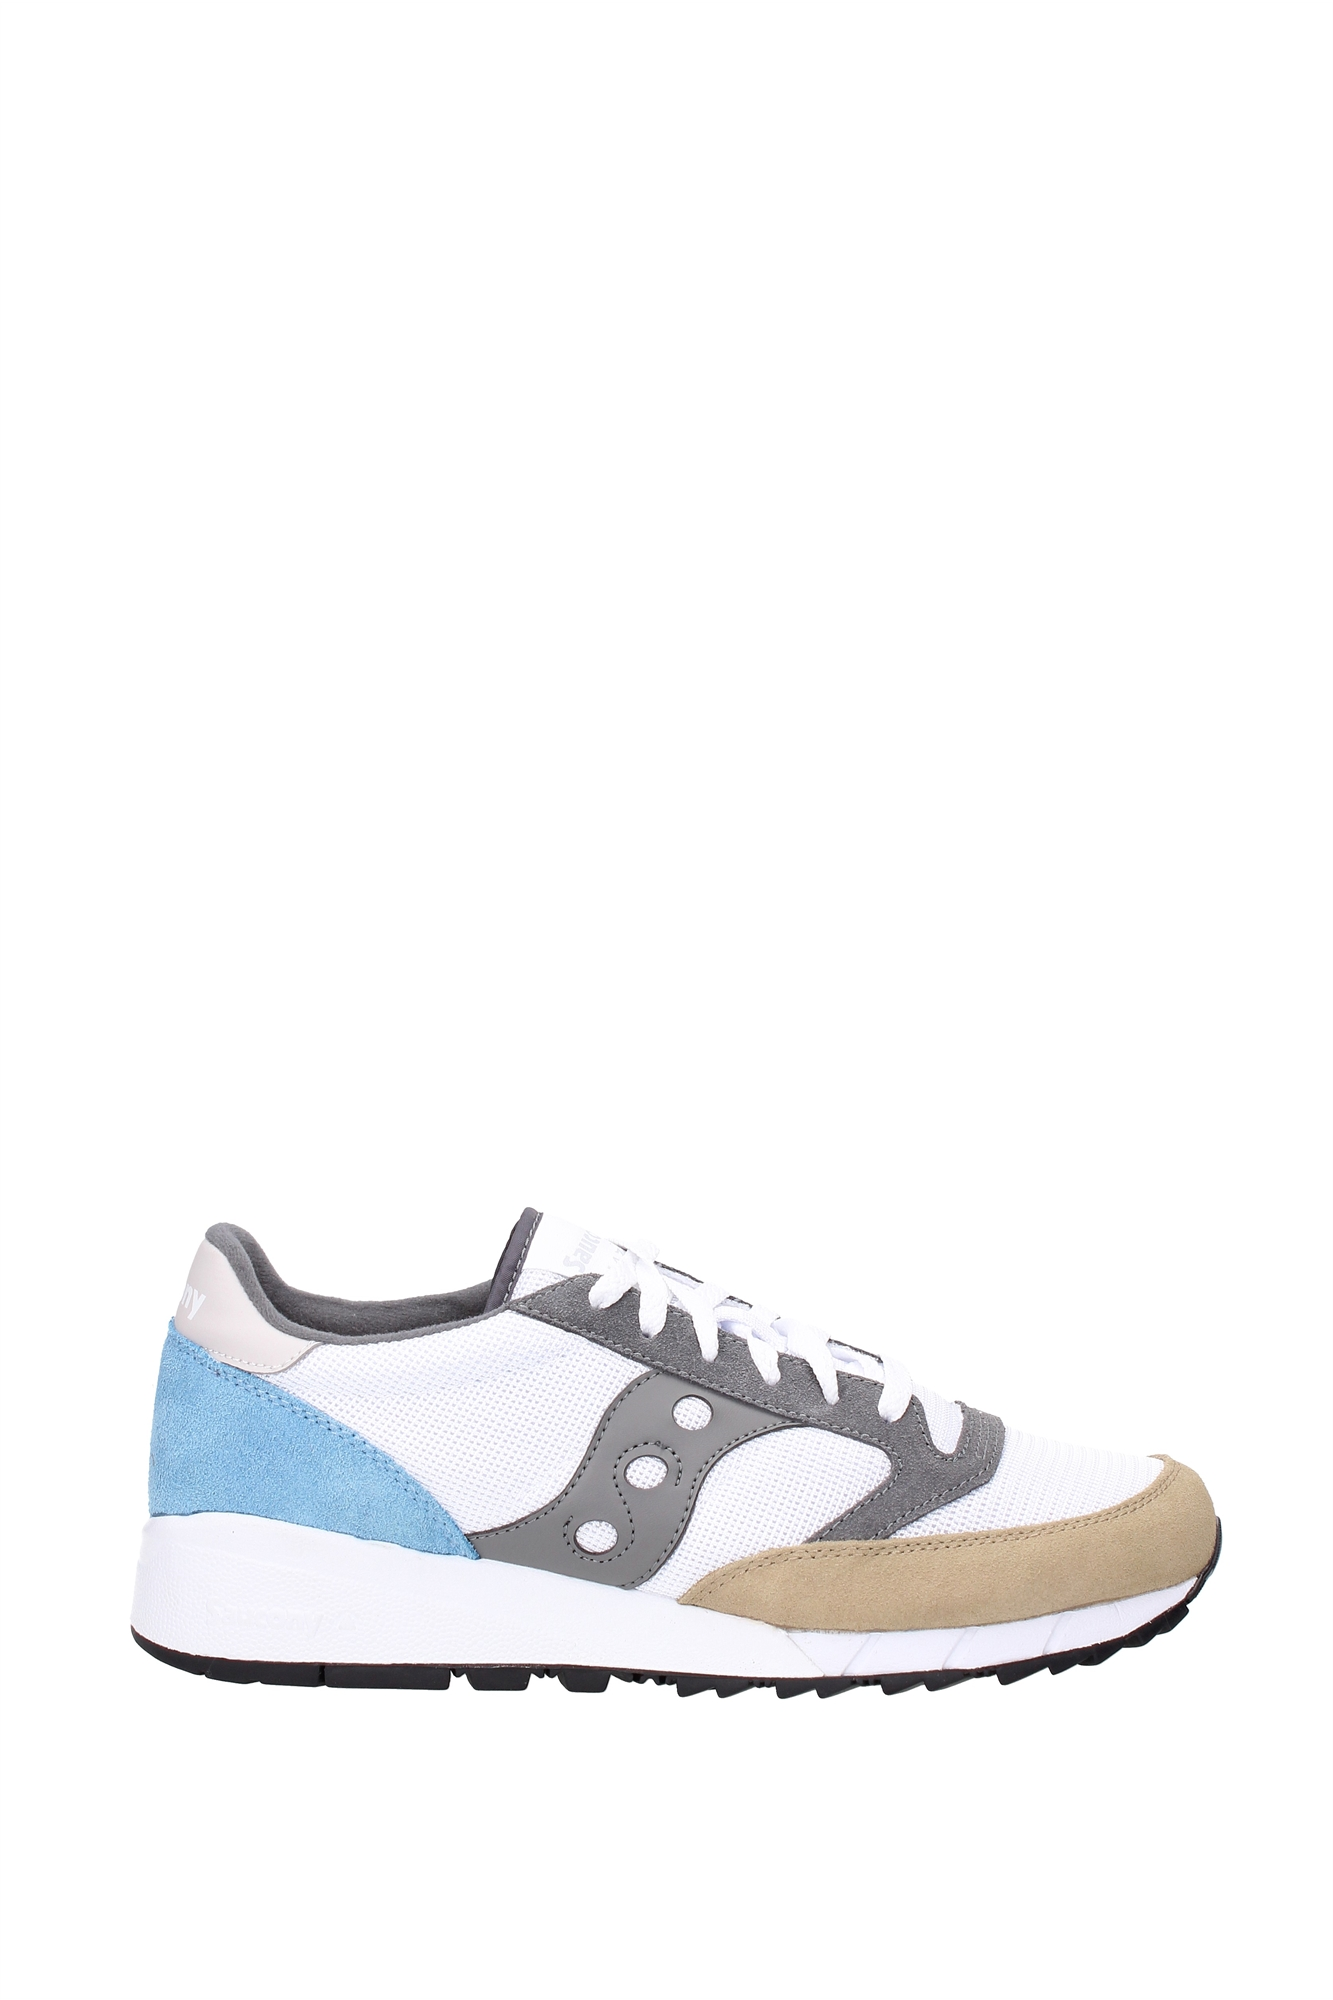 Sneakers (S70216A) Saucony Herren -  (S70216A) Sneakers 347aef